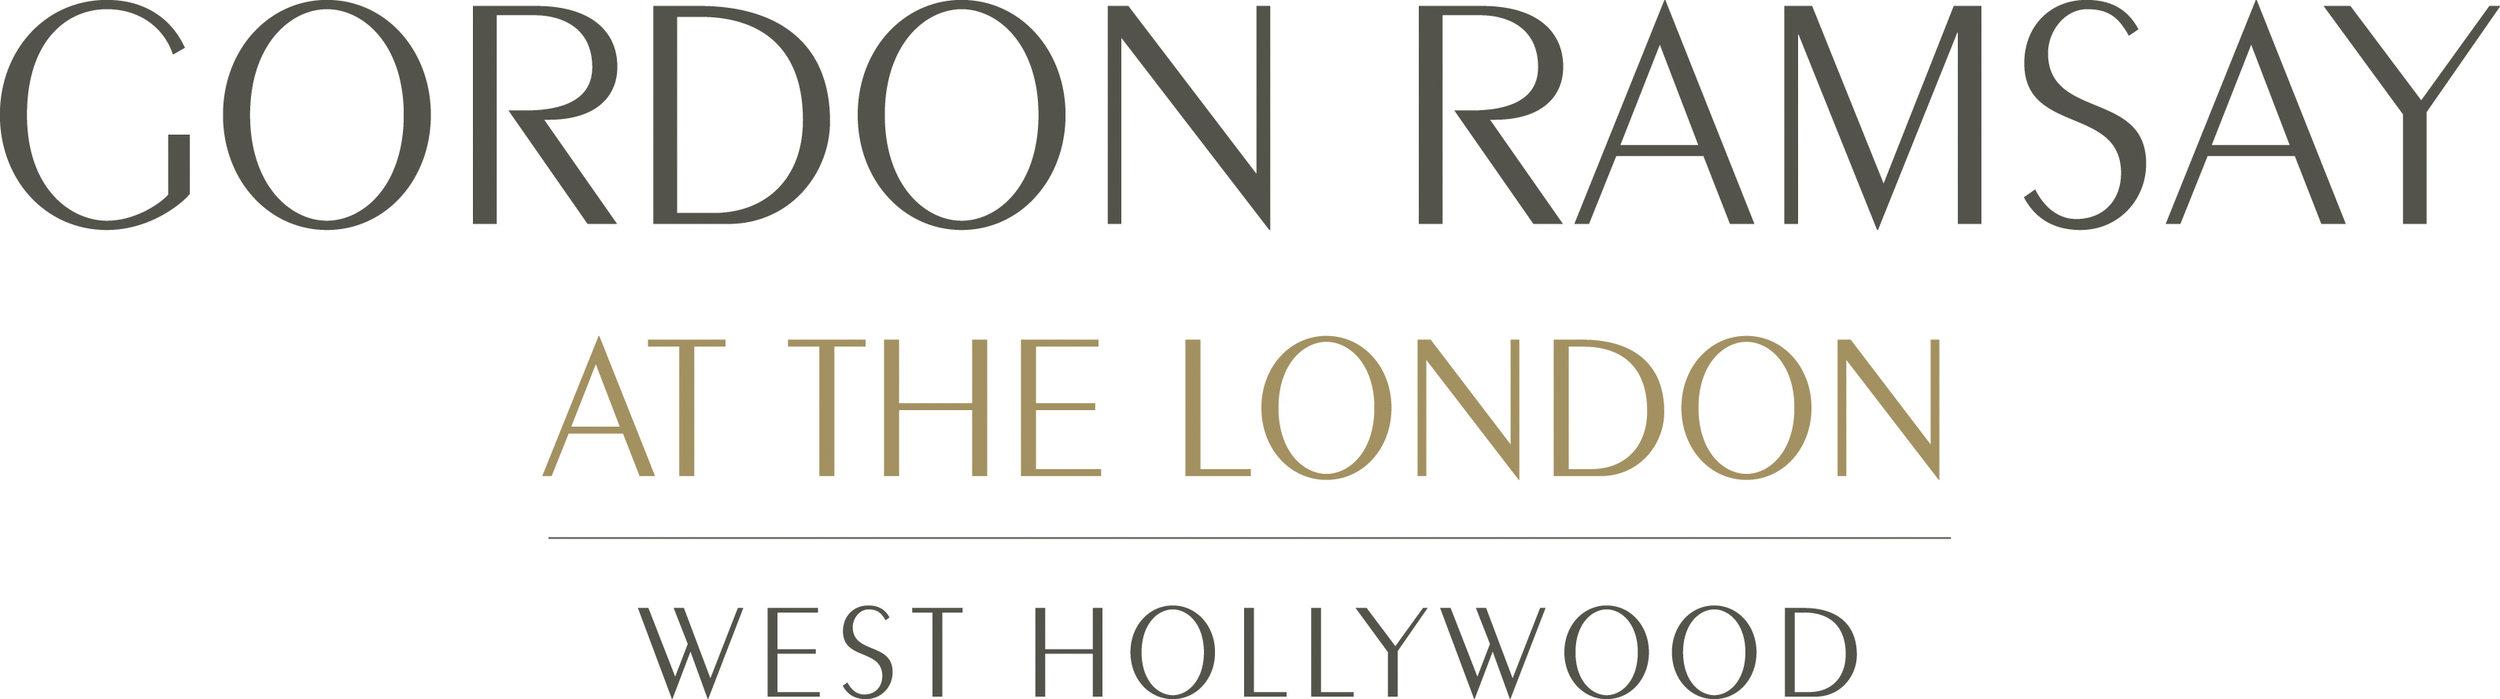 Gordon Ramsay logo.jpg